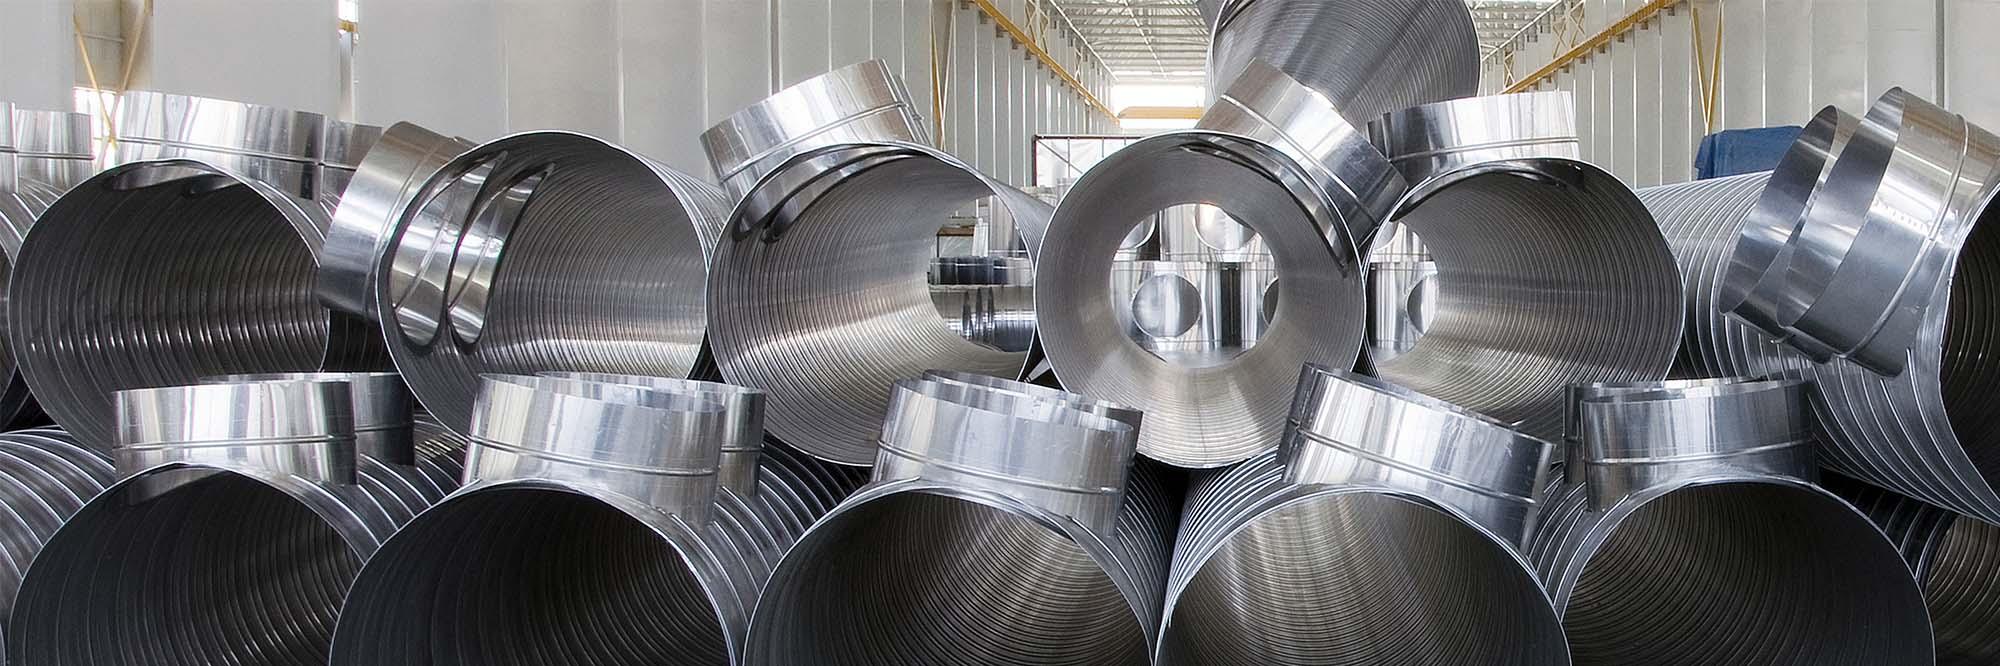 ss-luchtkanalen-pijpen-fabriekshal3x1